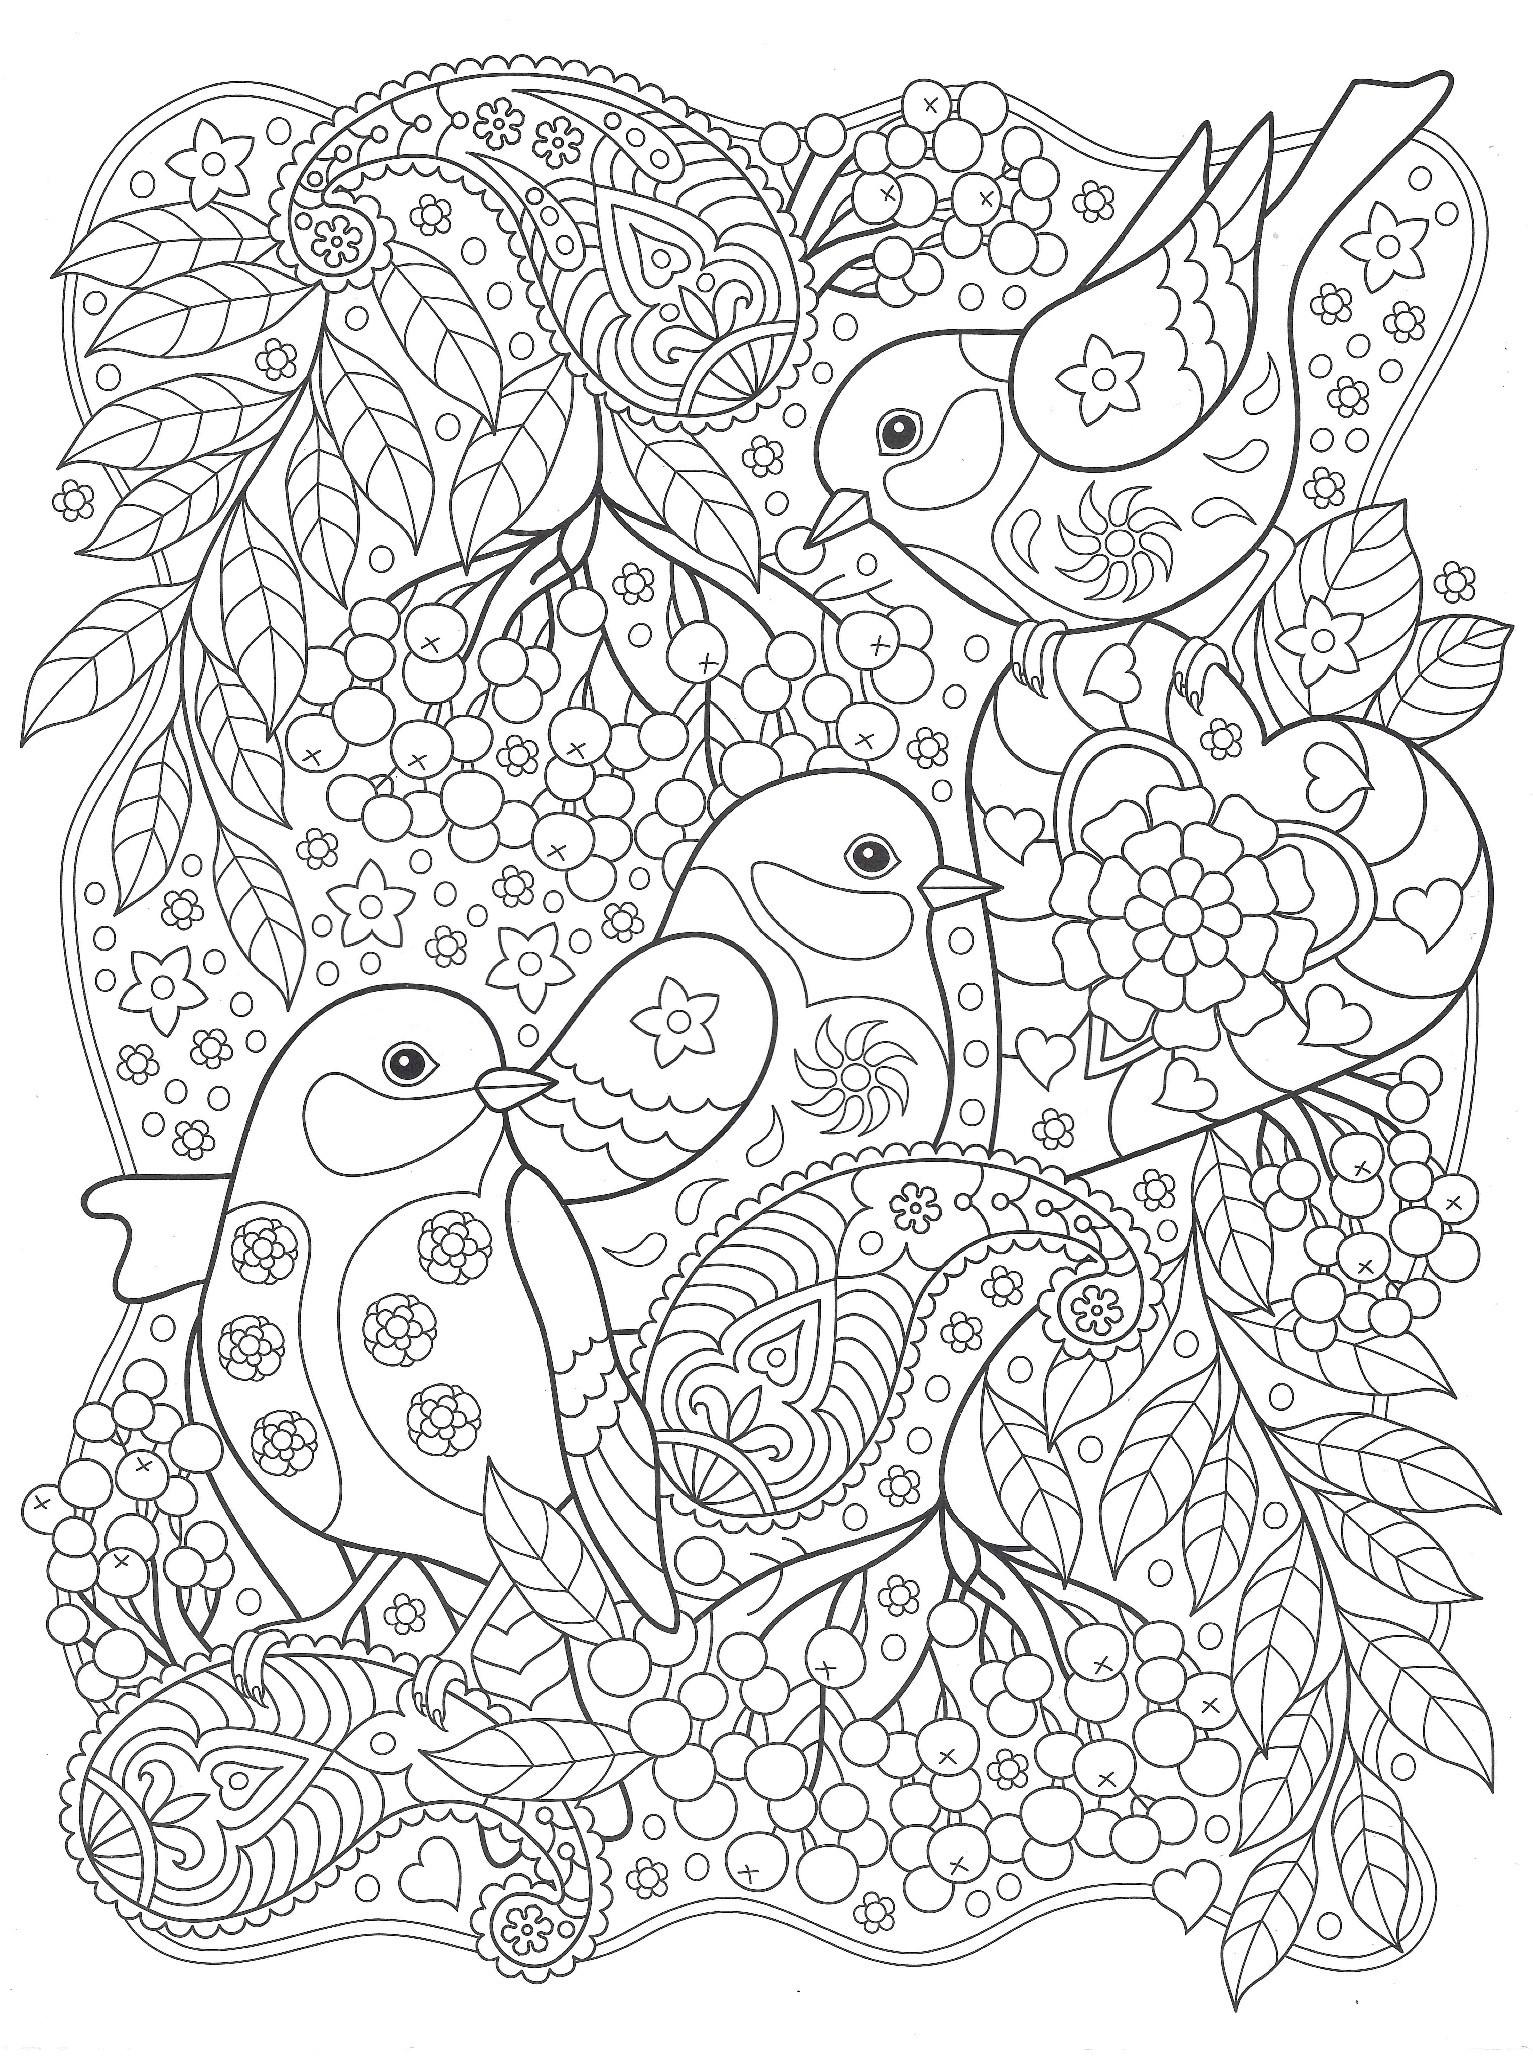 птицы с рябиной птицы раскраски антистресс